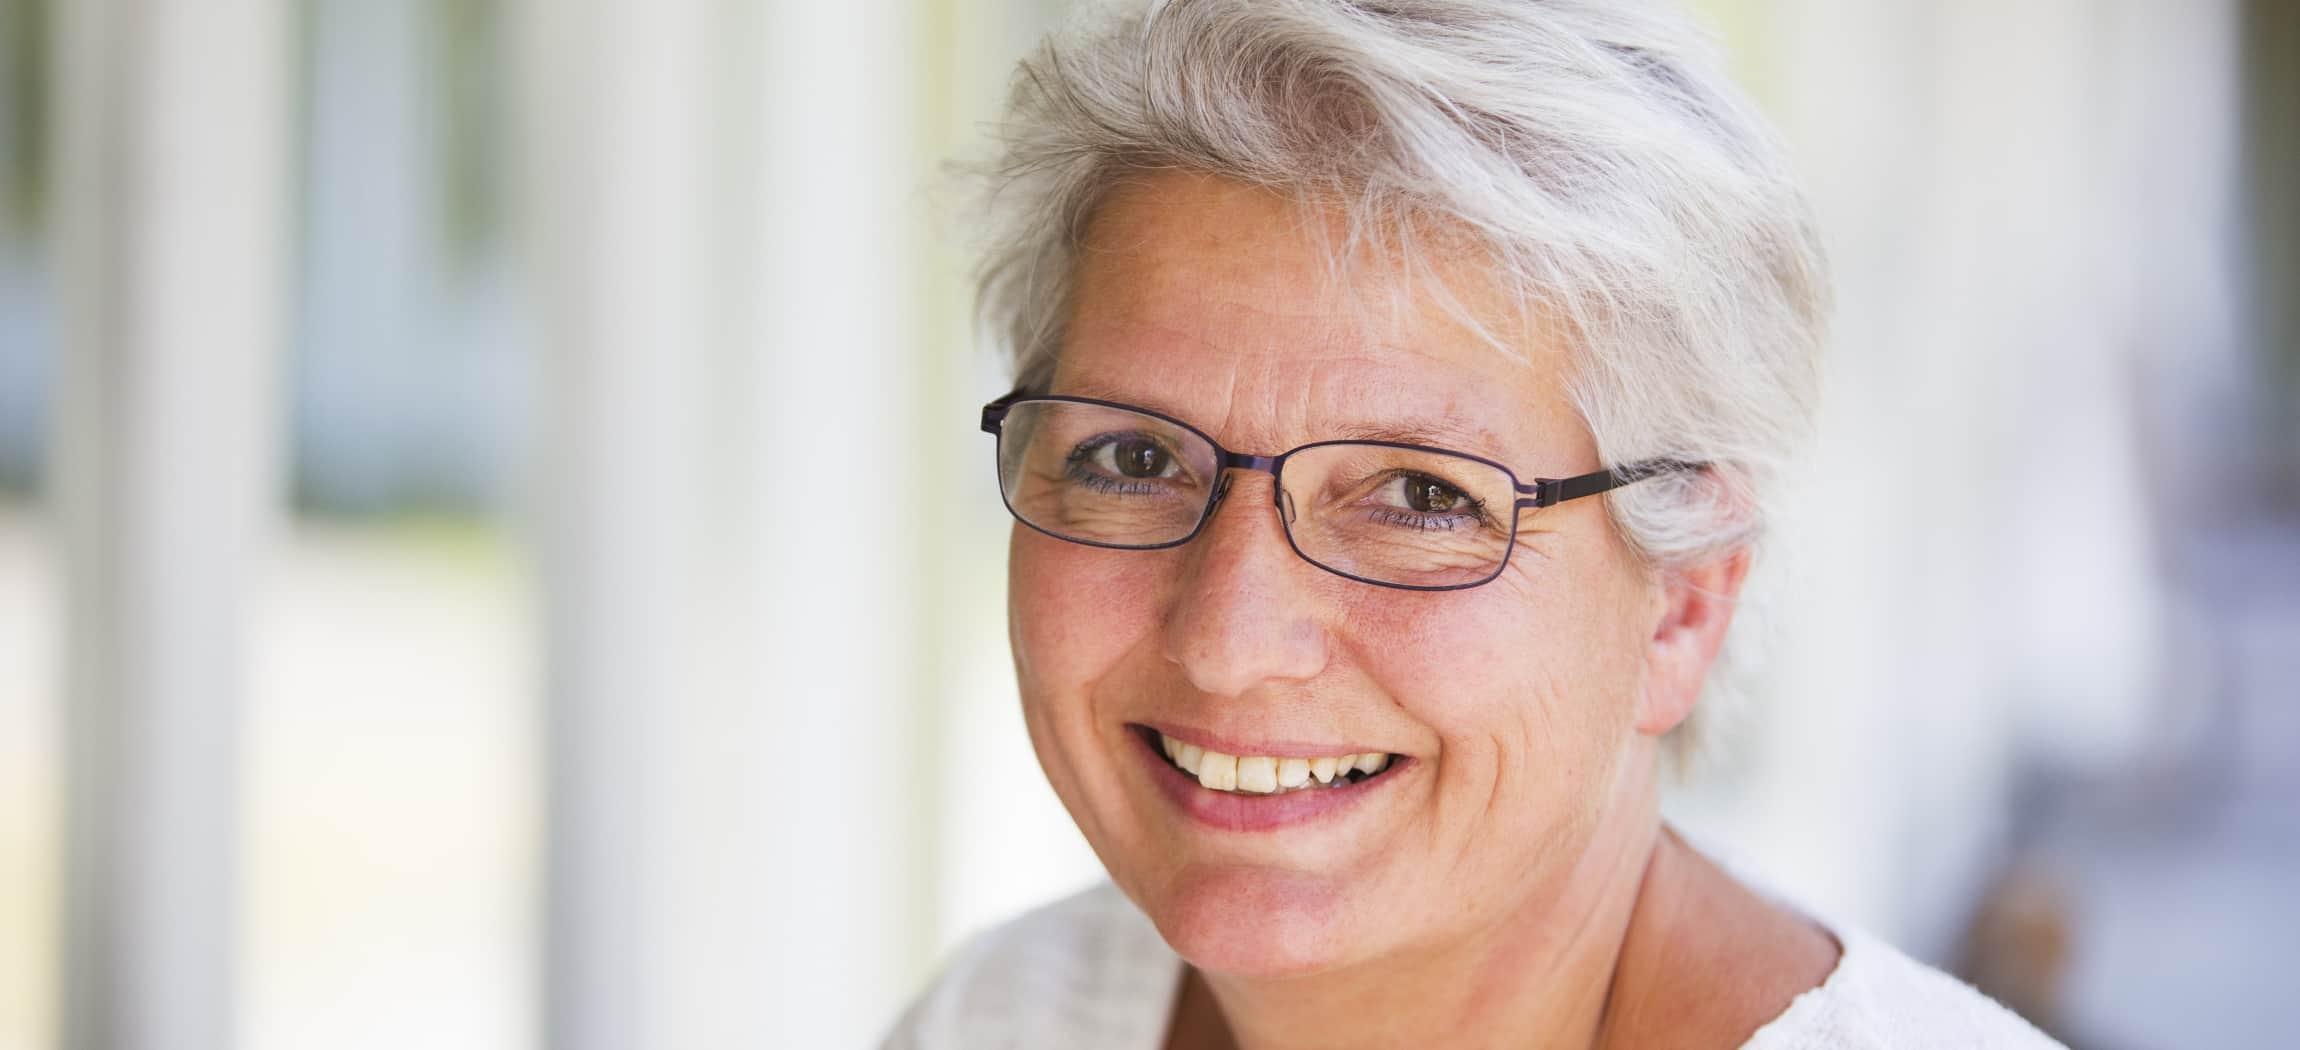 Vrouw zilvergrijs haar, met bril mooie tanden witte achtergrond